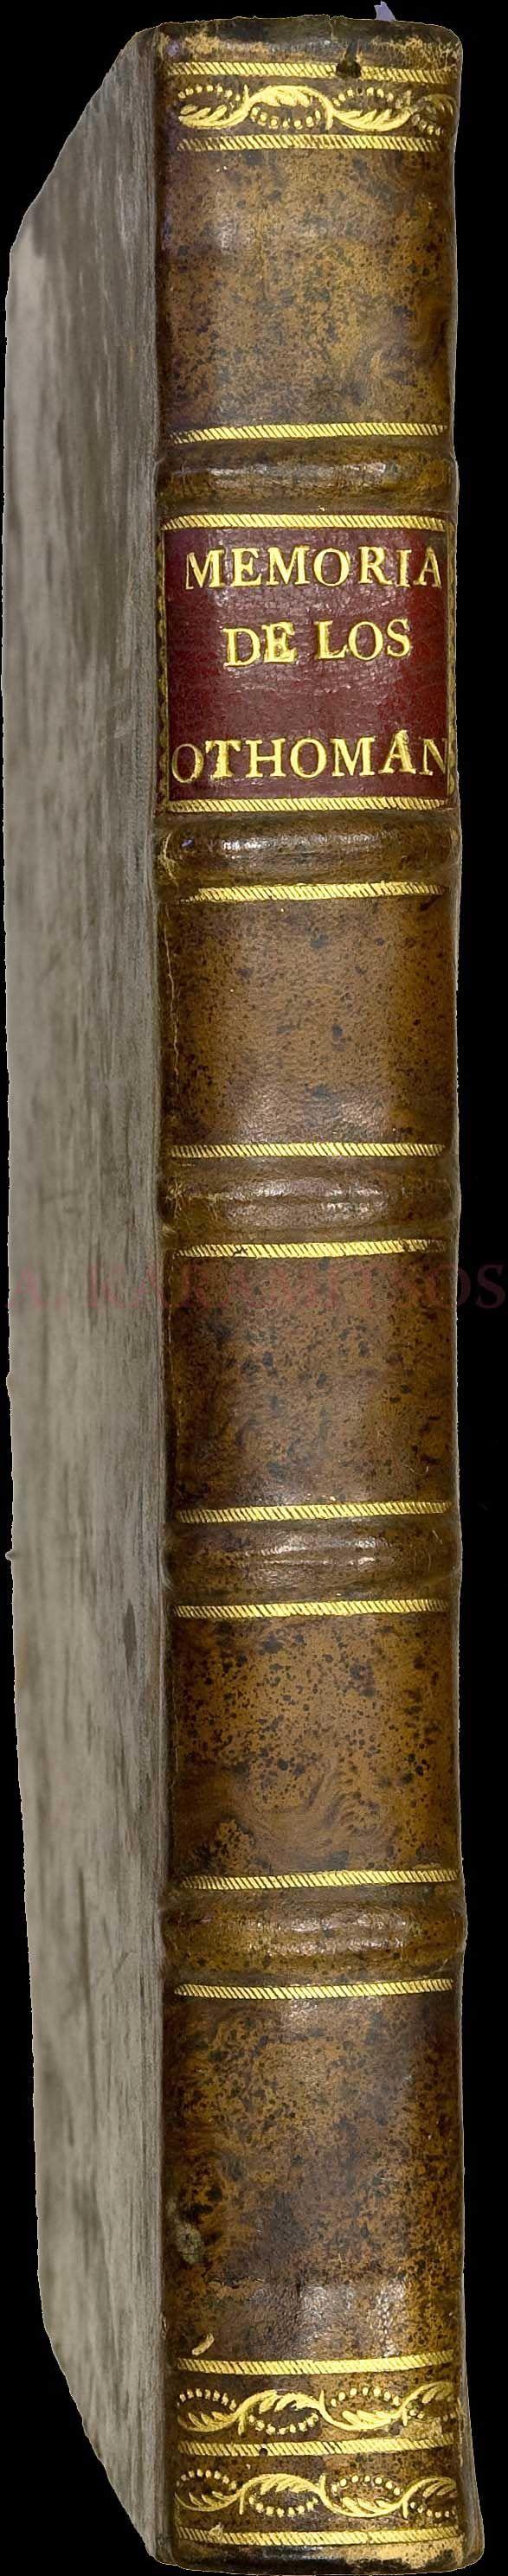 """Sagredo Giovanni, """"Memorias Historicas de los Monarcas Othomanos"""", Madrid, Imp. Juan García Infanzon, 1684. Folio (29x20cm), pp.[10],552,[8]."""